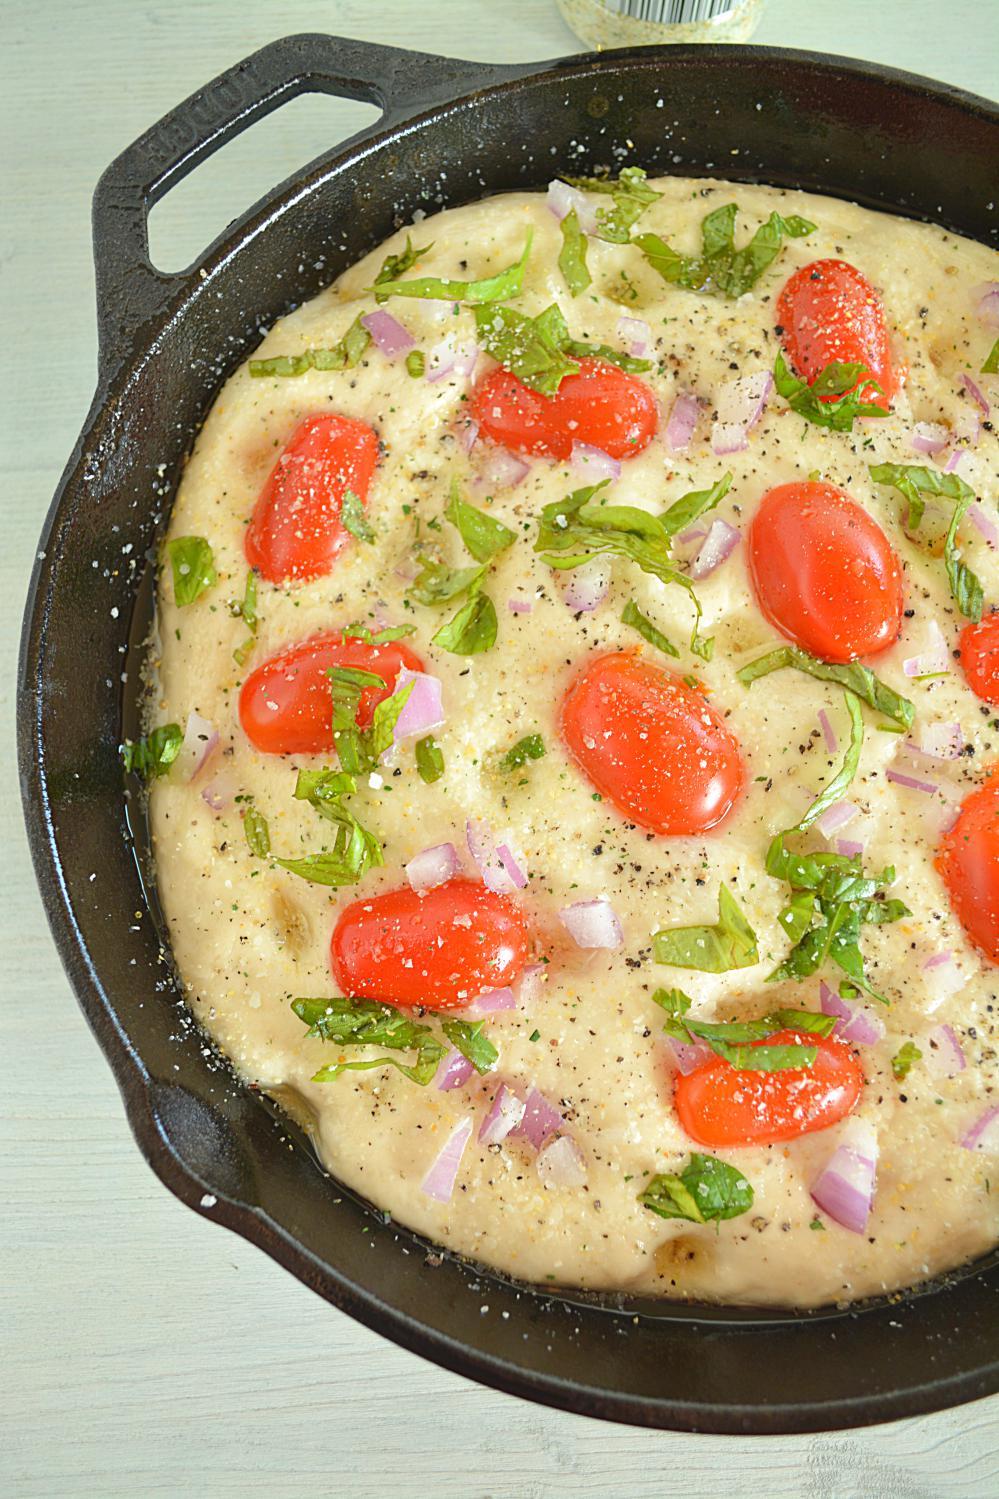 No Knead Tomato Basil Focaccia Bread - Ruchiskitchen